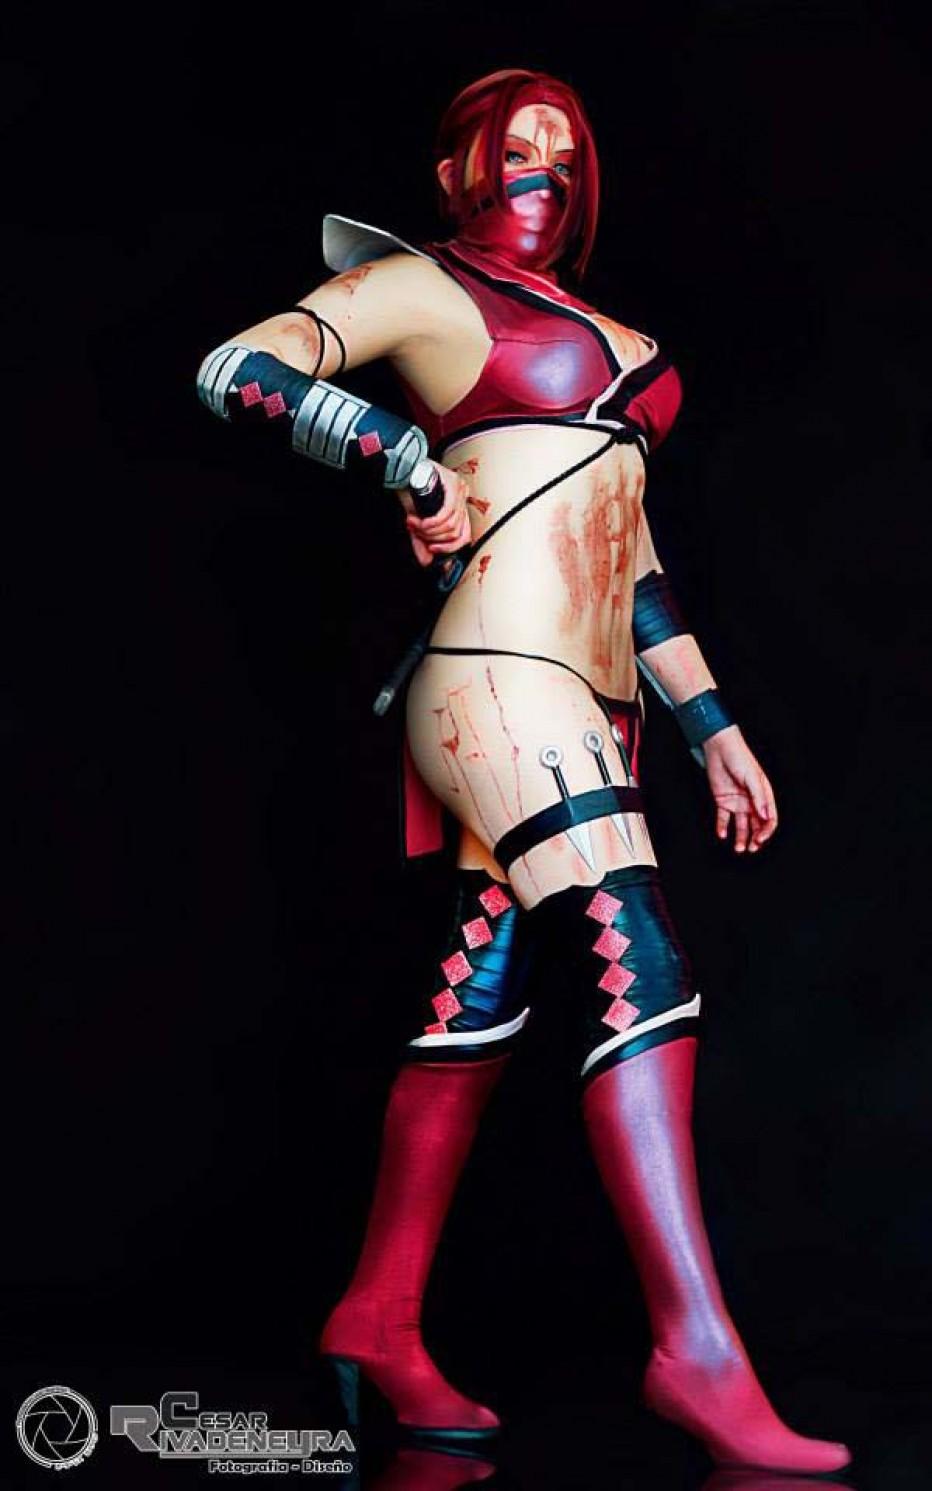 Mortal-Kombat-Skarlet-Cosplay-Gamers-Heroes-9.jpg